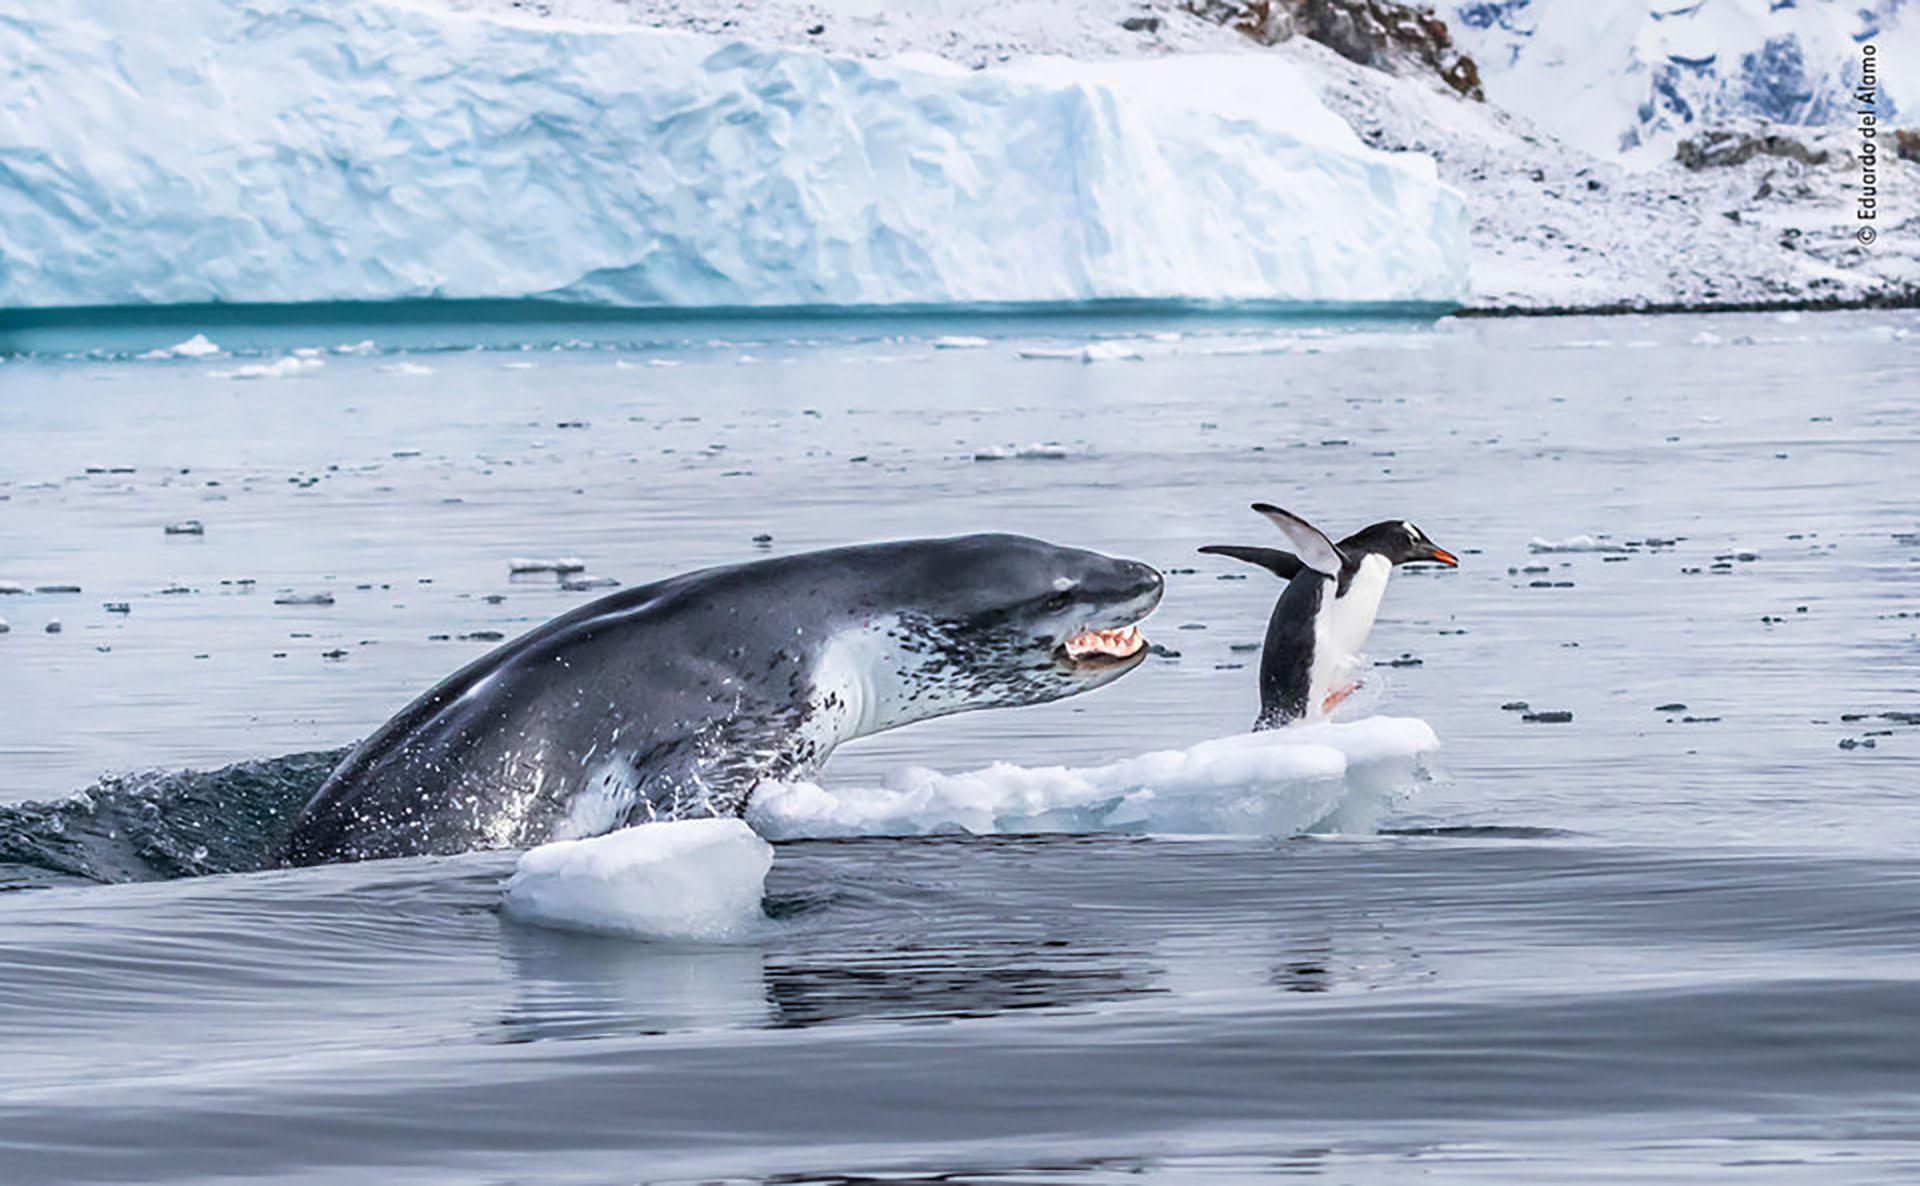 Un pingüino papúa huye para salvar su vida cuando una foca leopardo sale del agua en la isla de Cuverville, en la Antártida. (Eduardo Del Álamo/Fotógrafo de Vida Silvestre del Año)